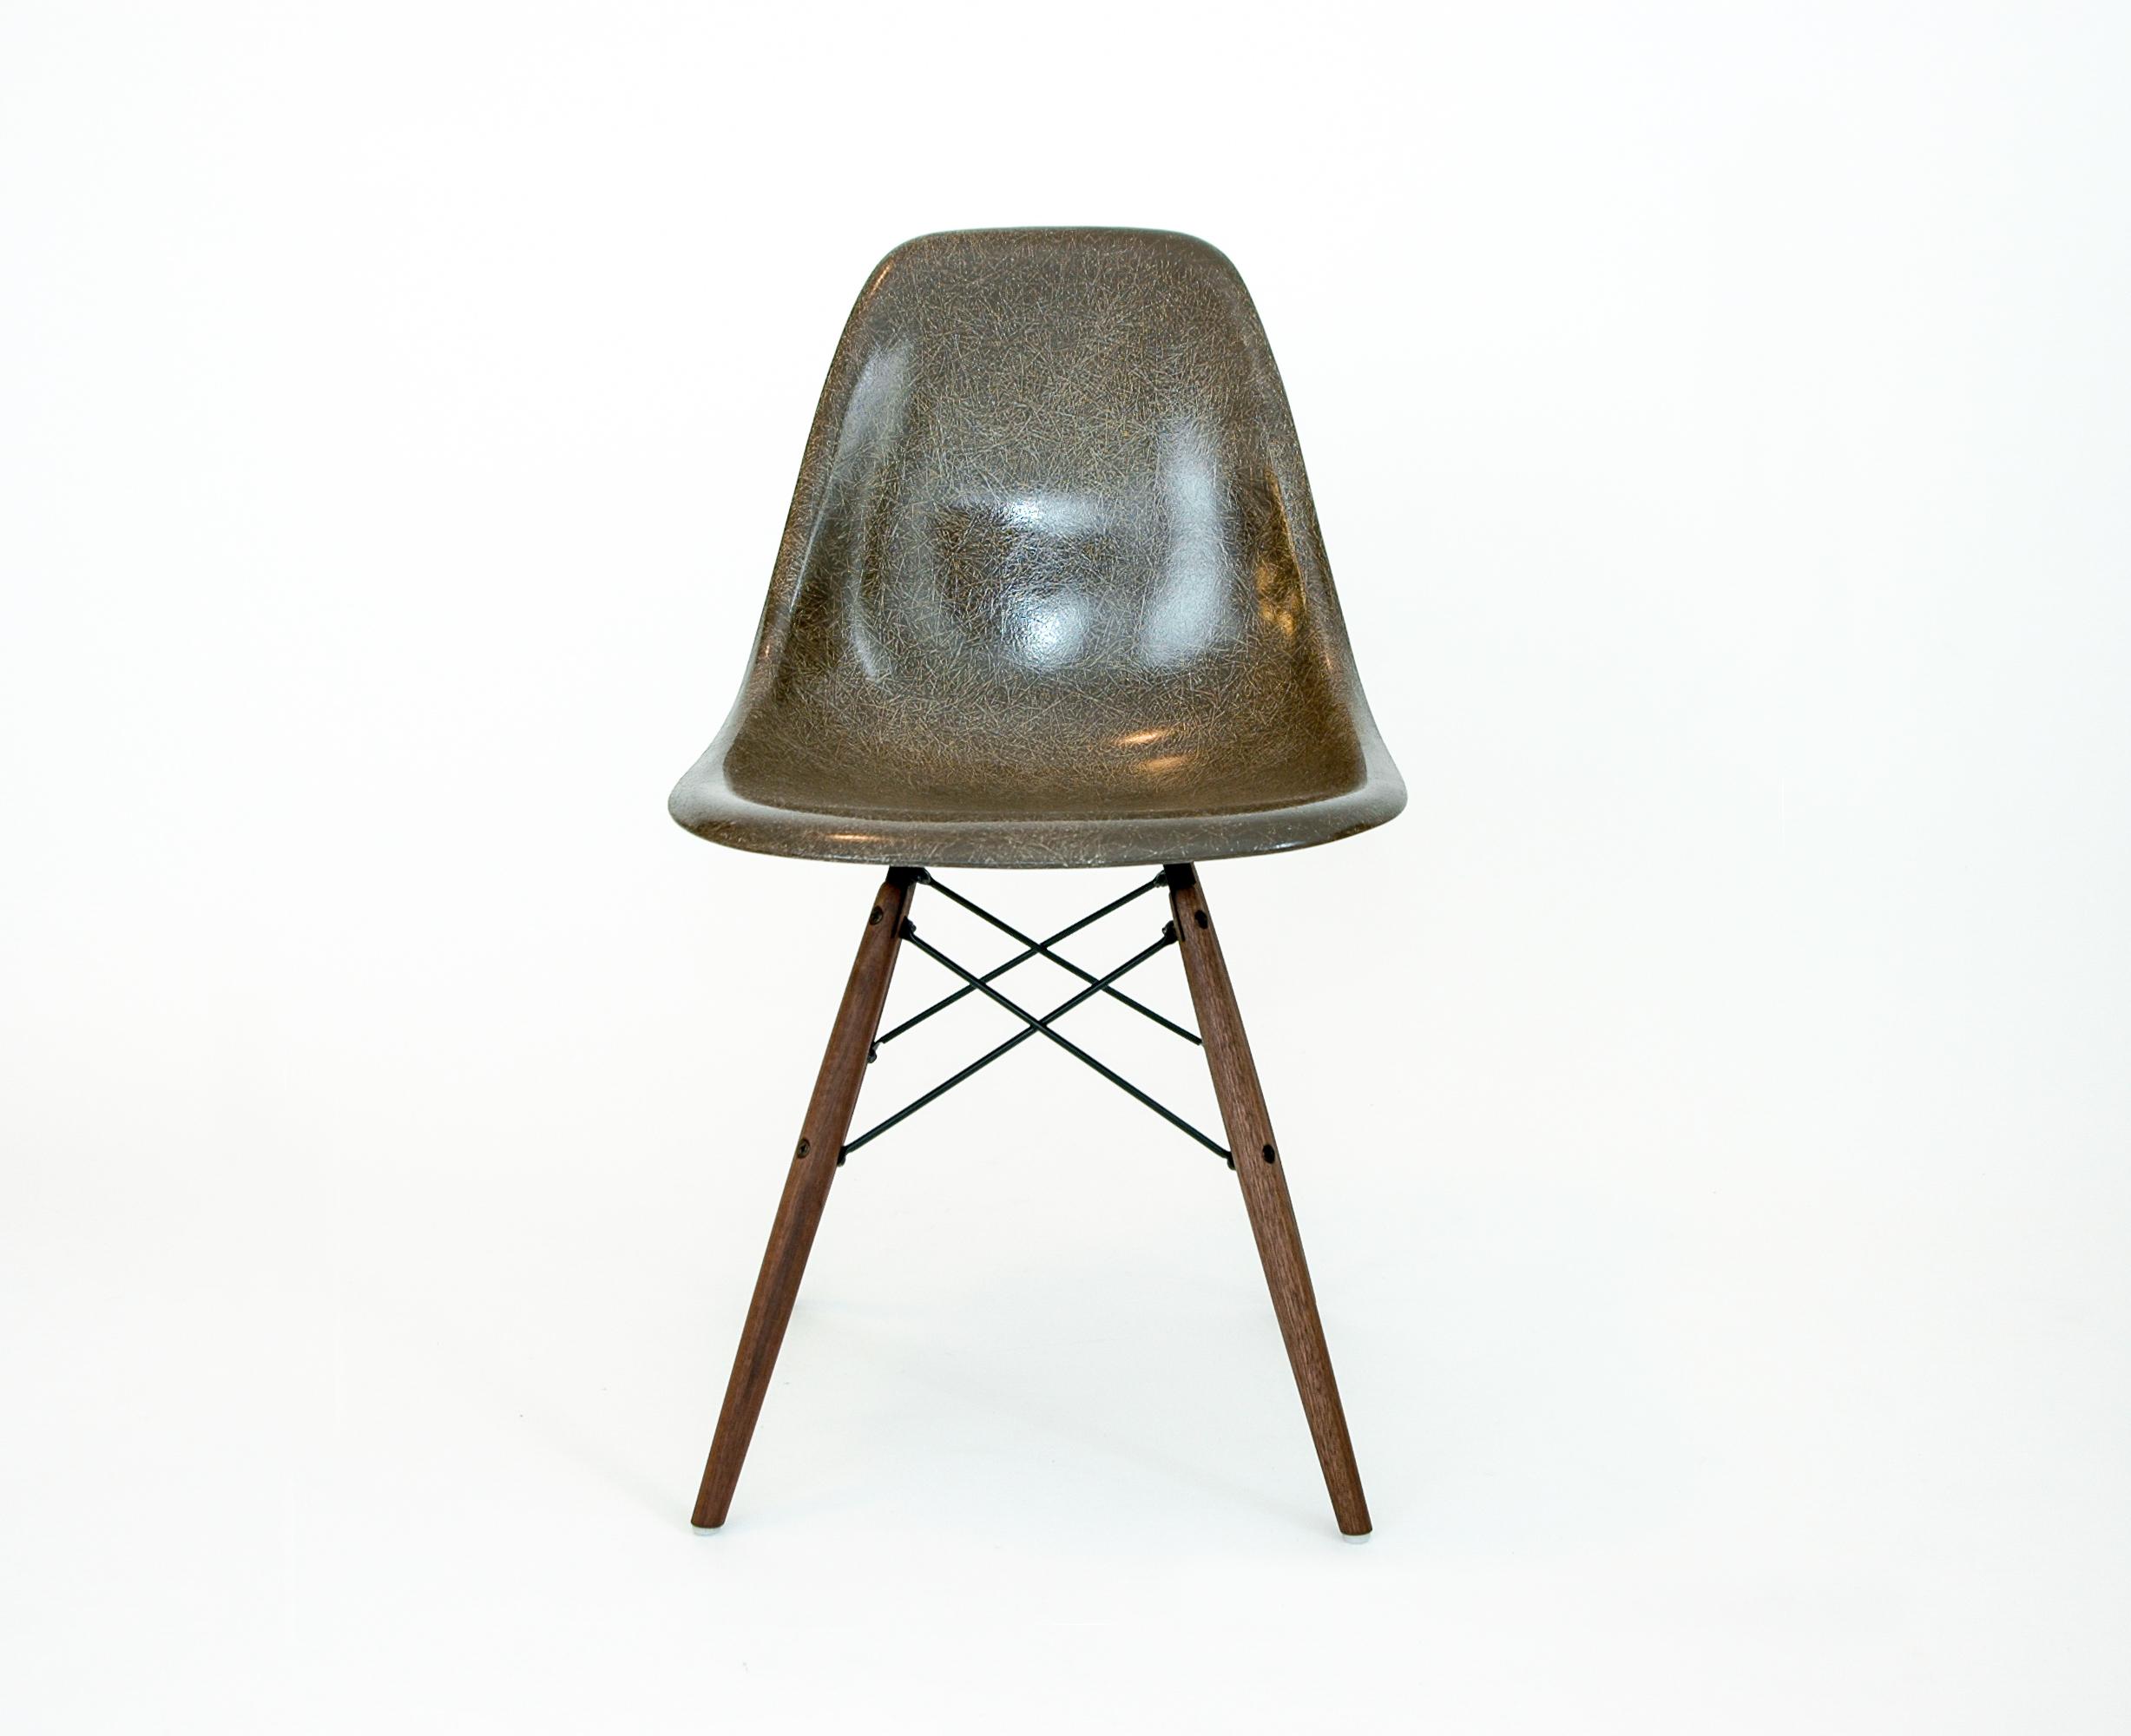 Eames Herman Miller Molded Fiberglass Chair